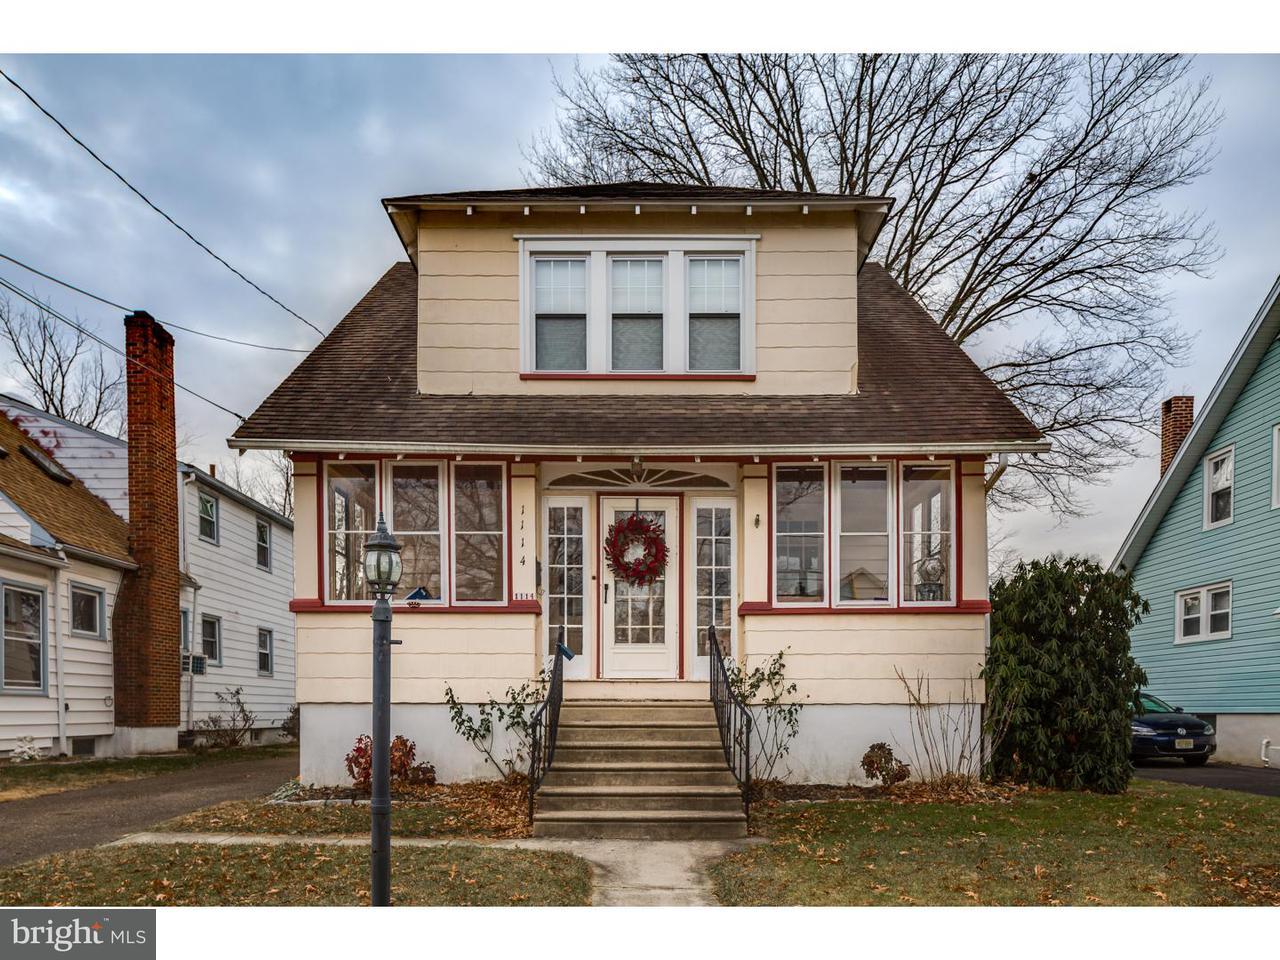 1114  Belmont Haddon Township, NJ 08108